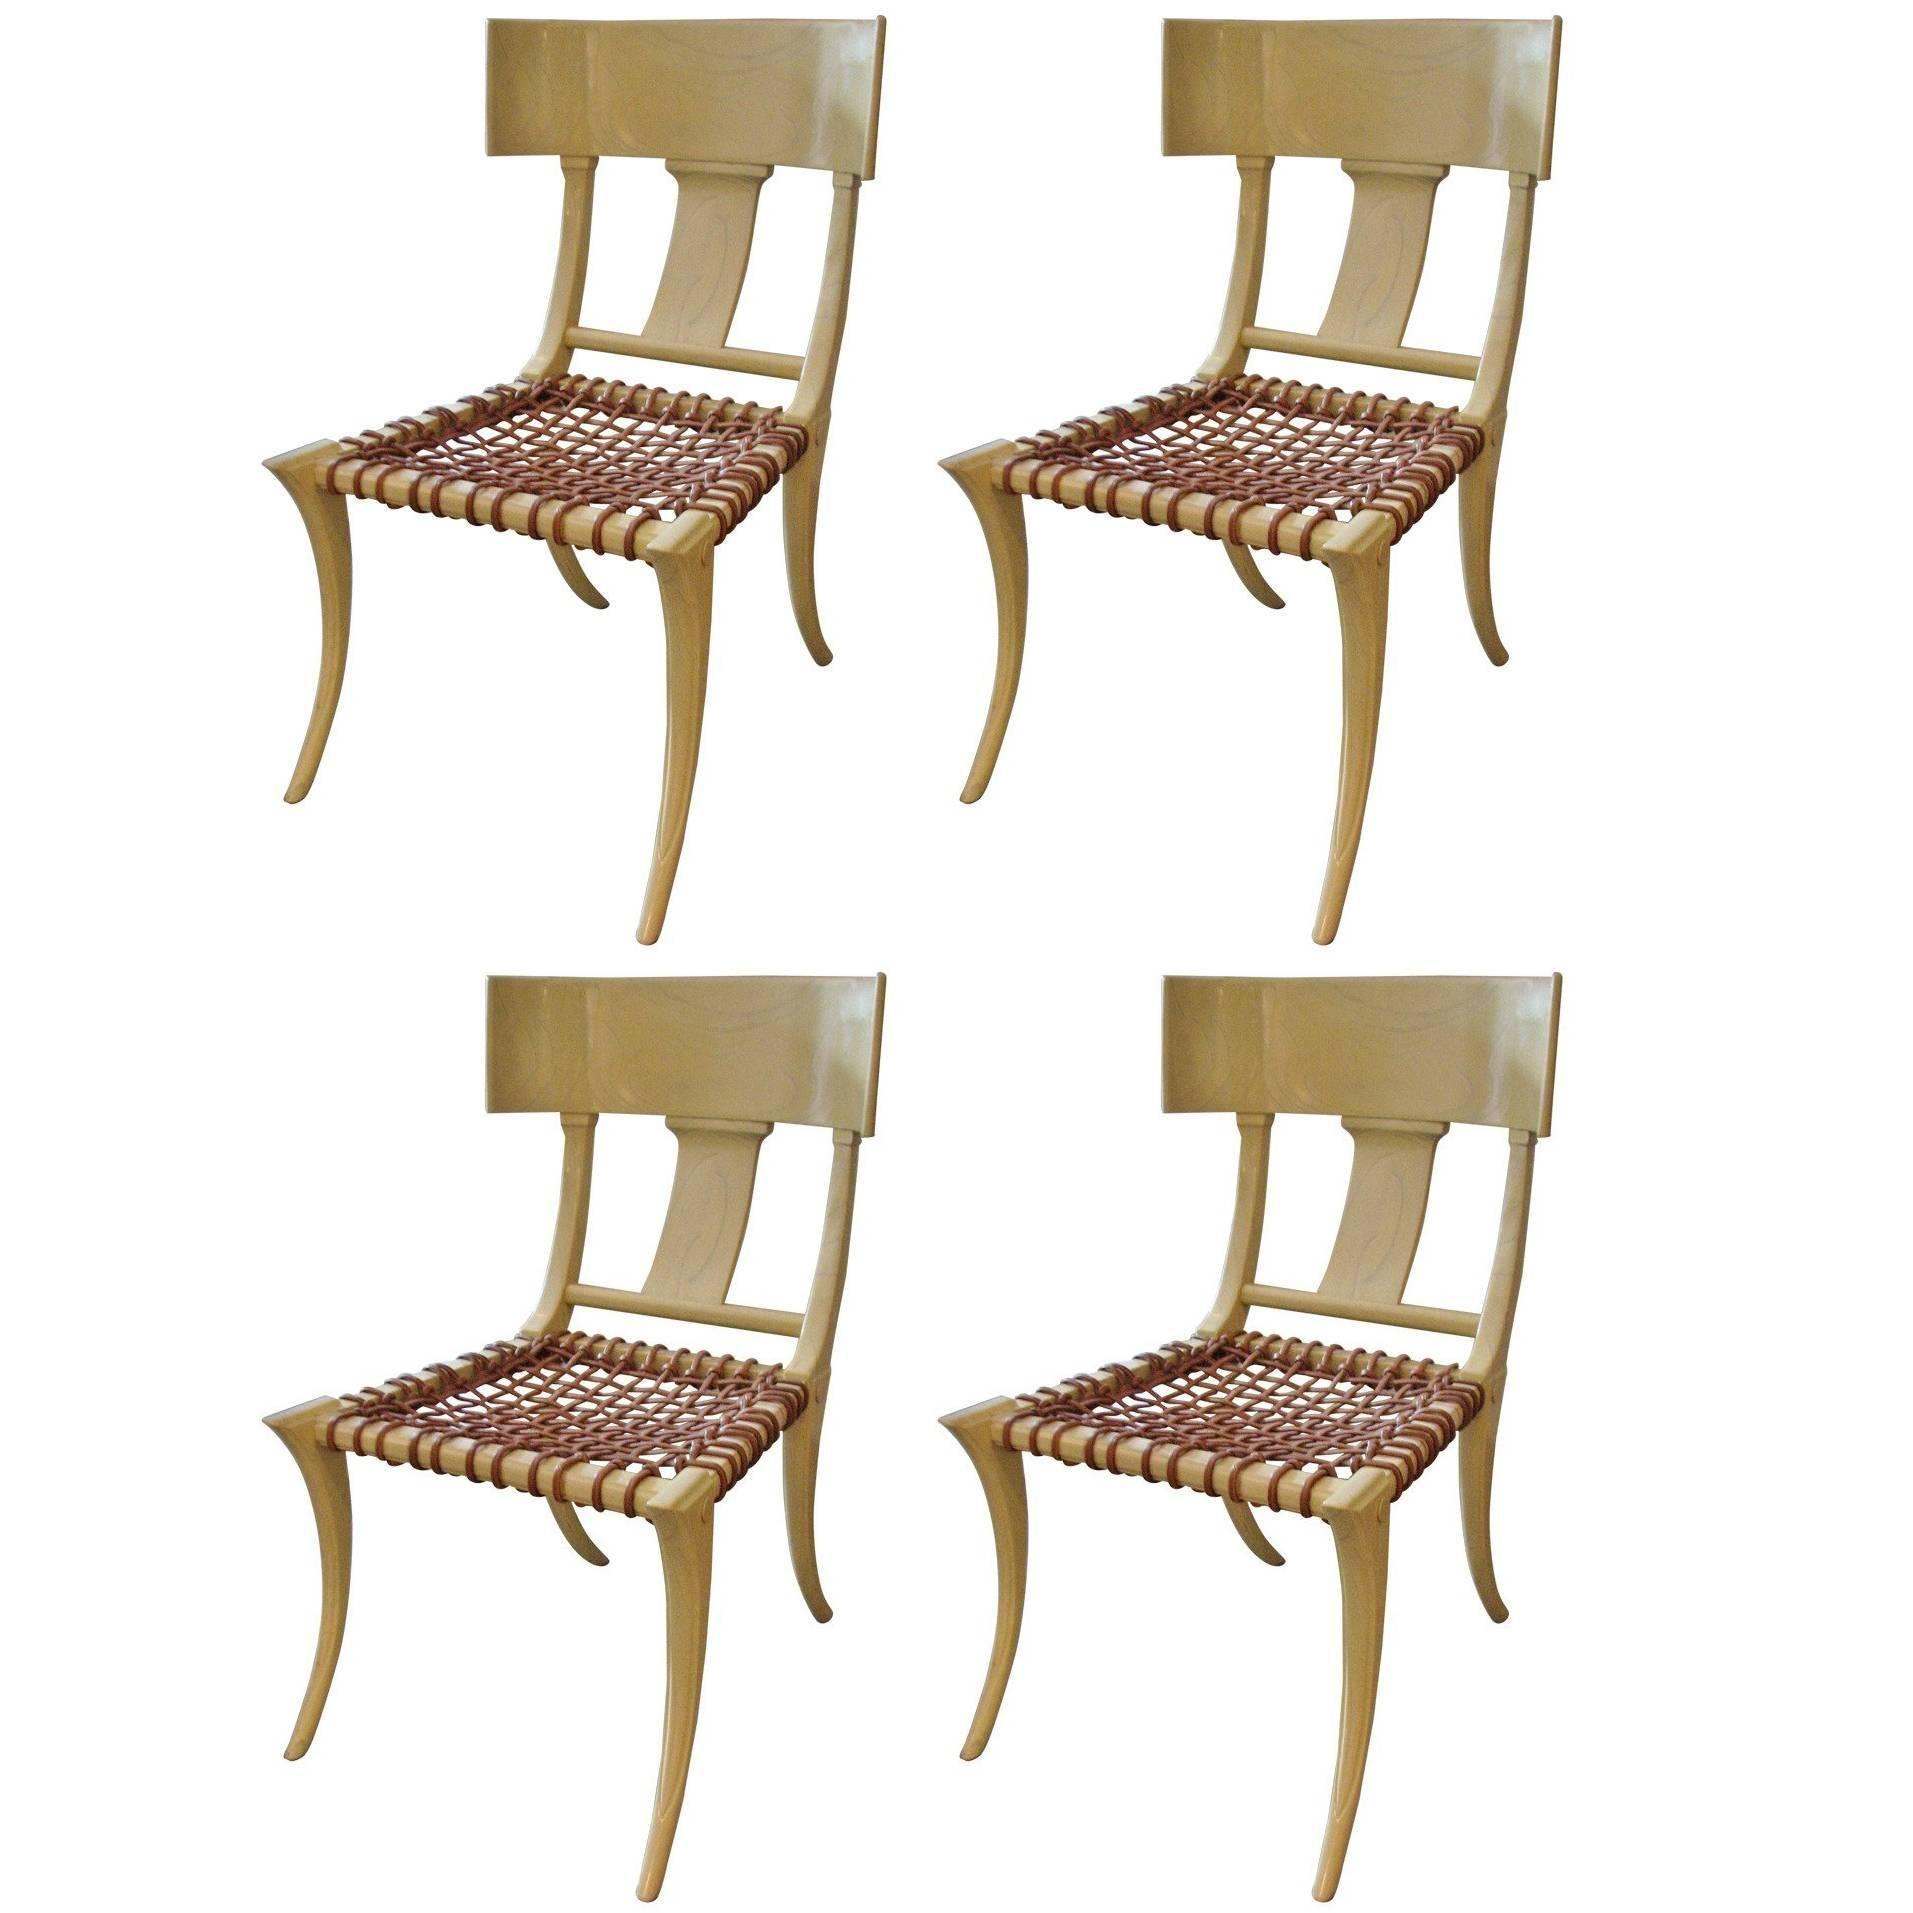 T.H. Robsjohn-Gibbings Inspired Limed/Cerused Oak Klismos Chairs